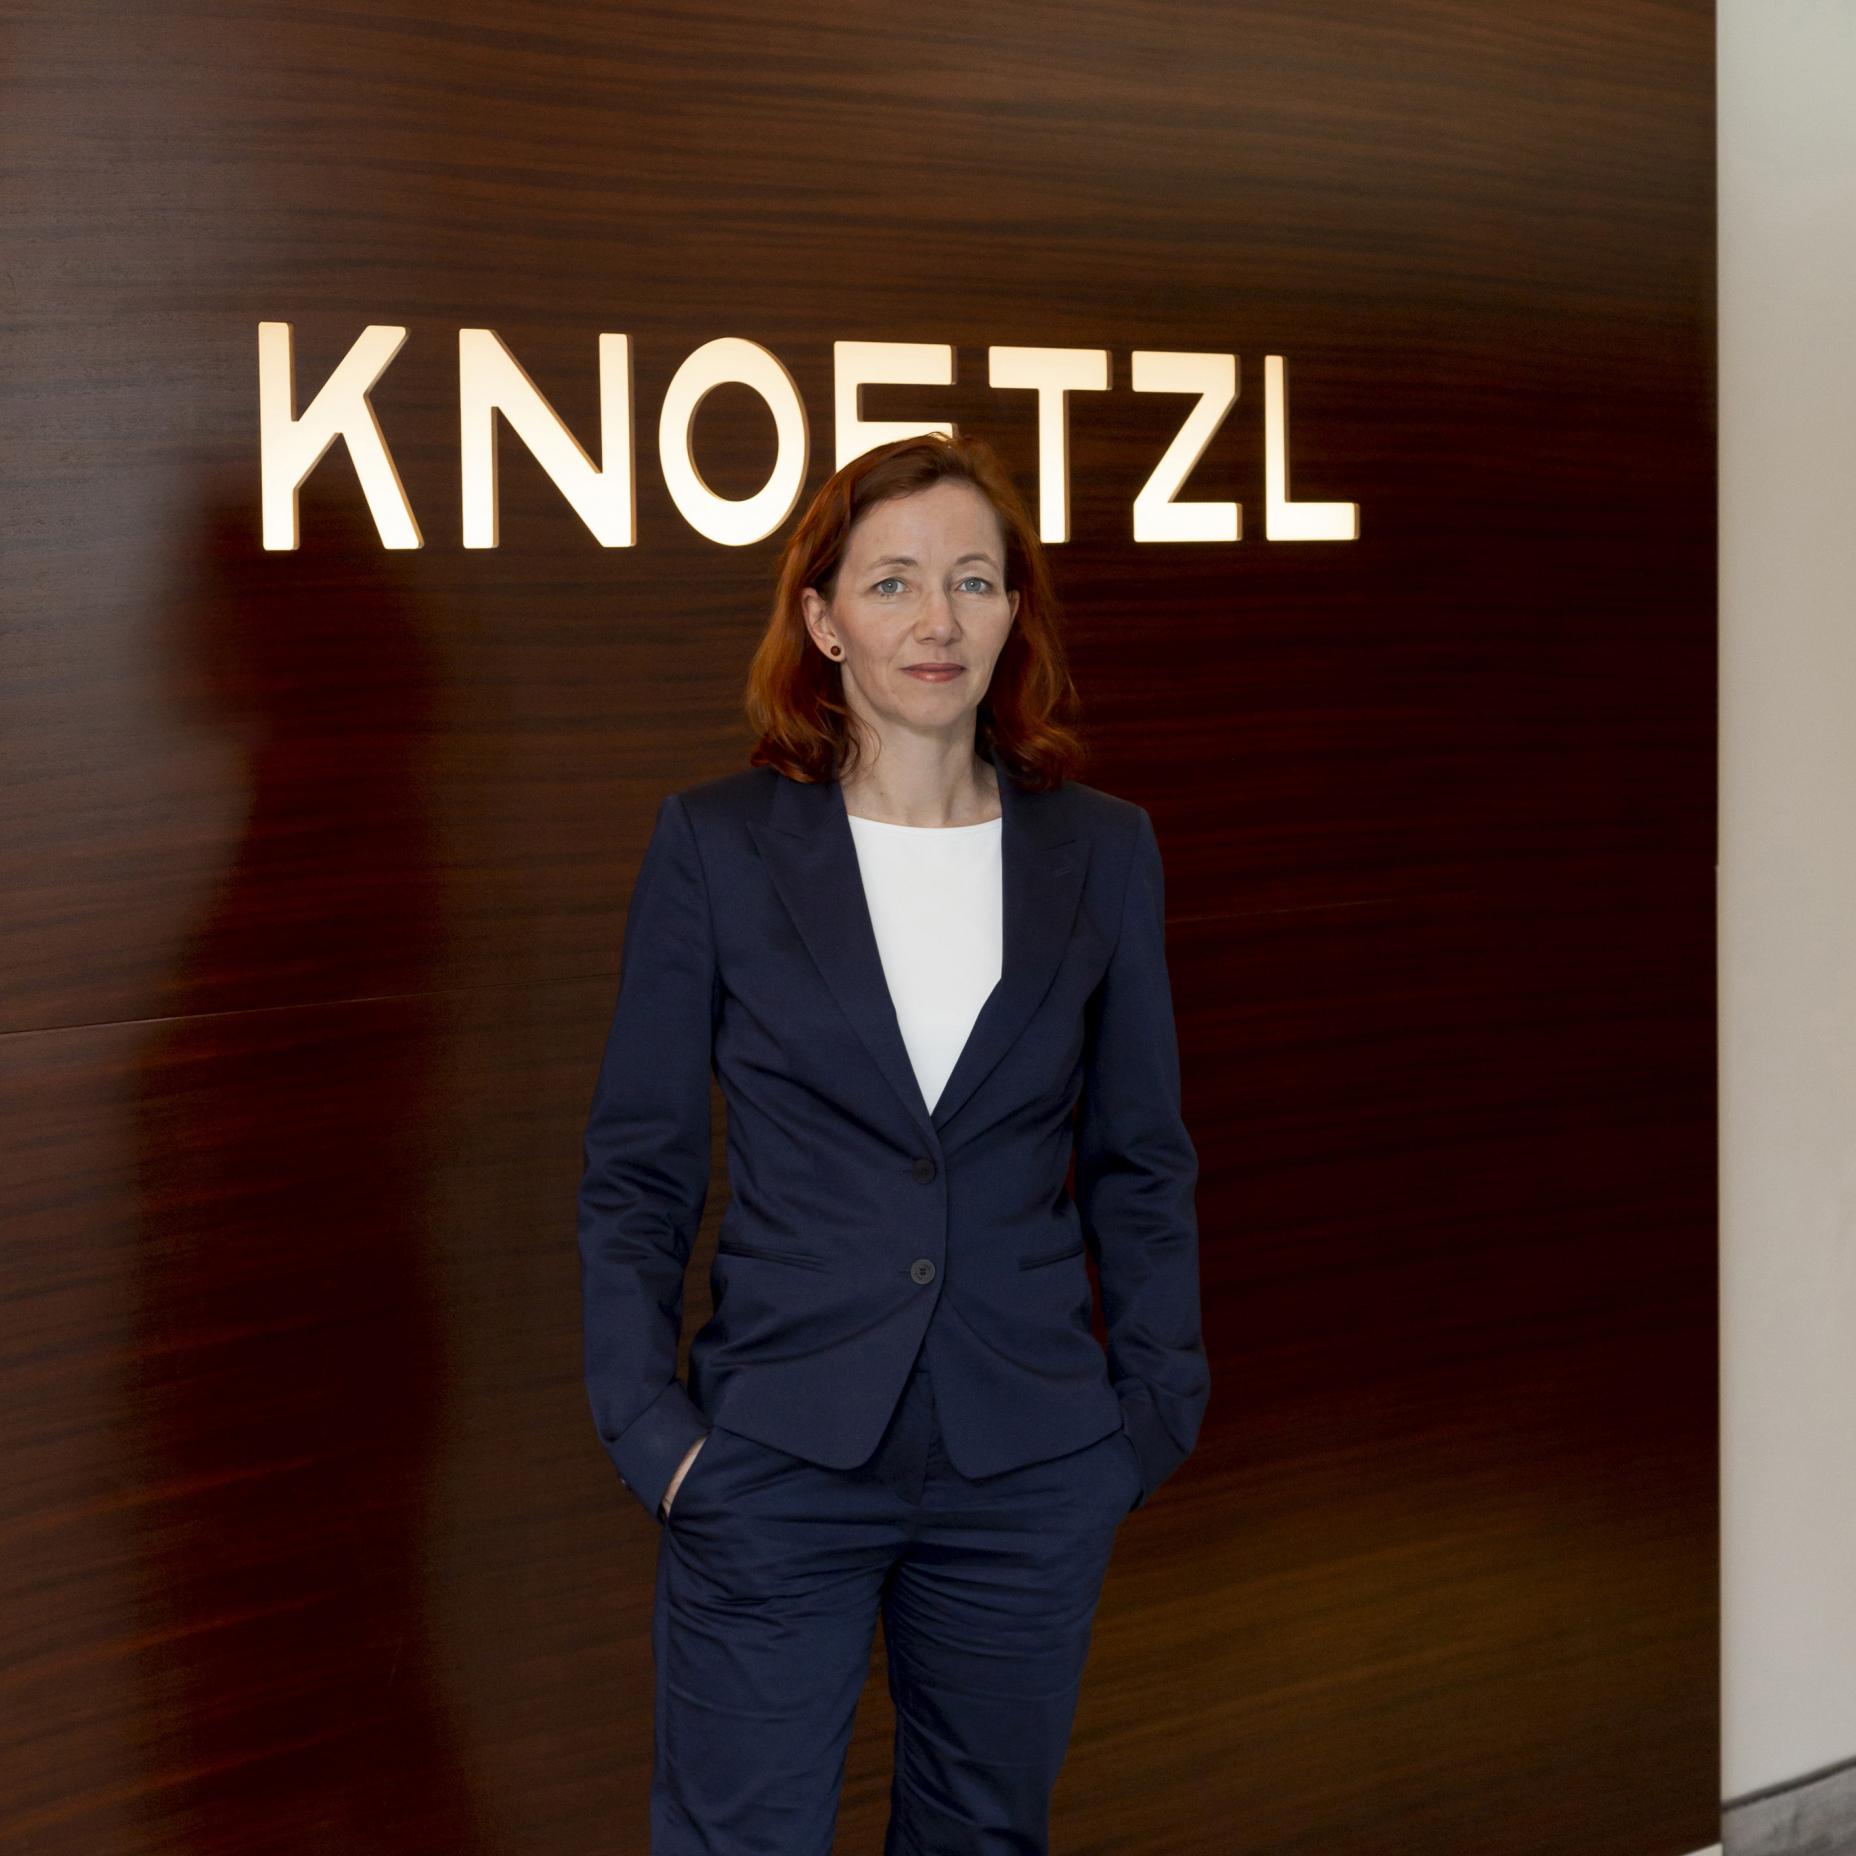 Knoetzl-Schacherreiter2